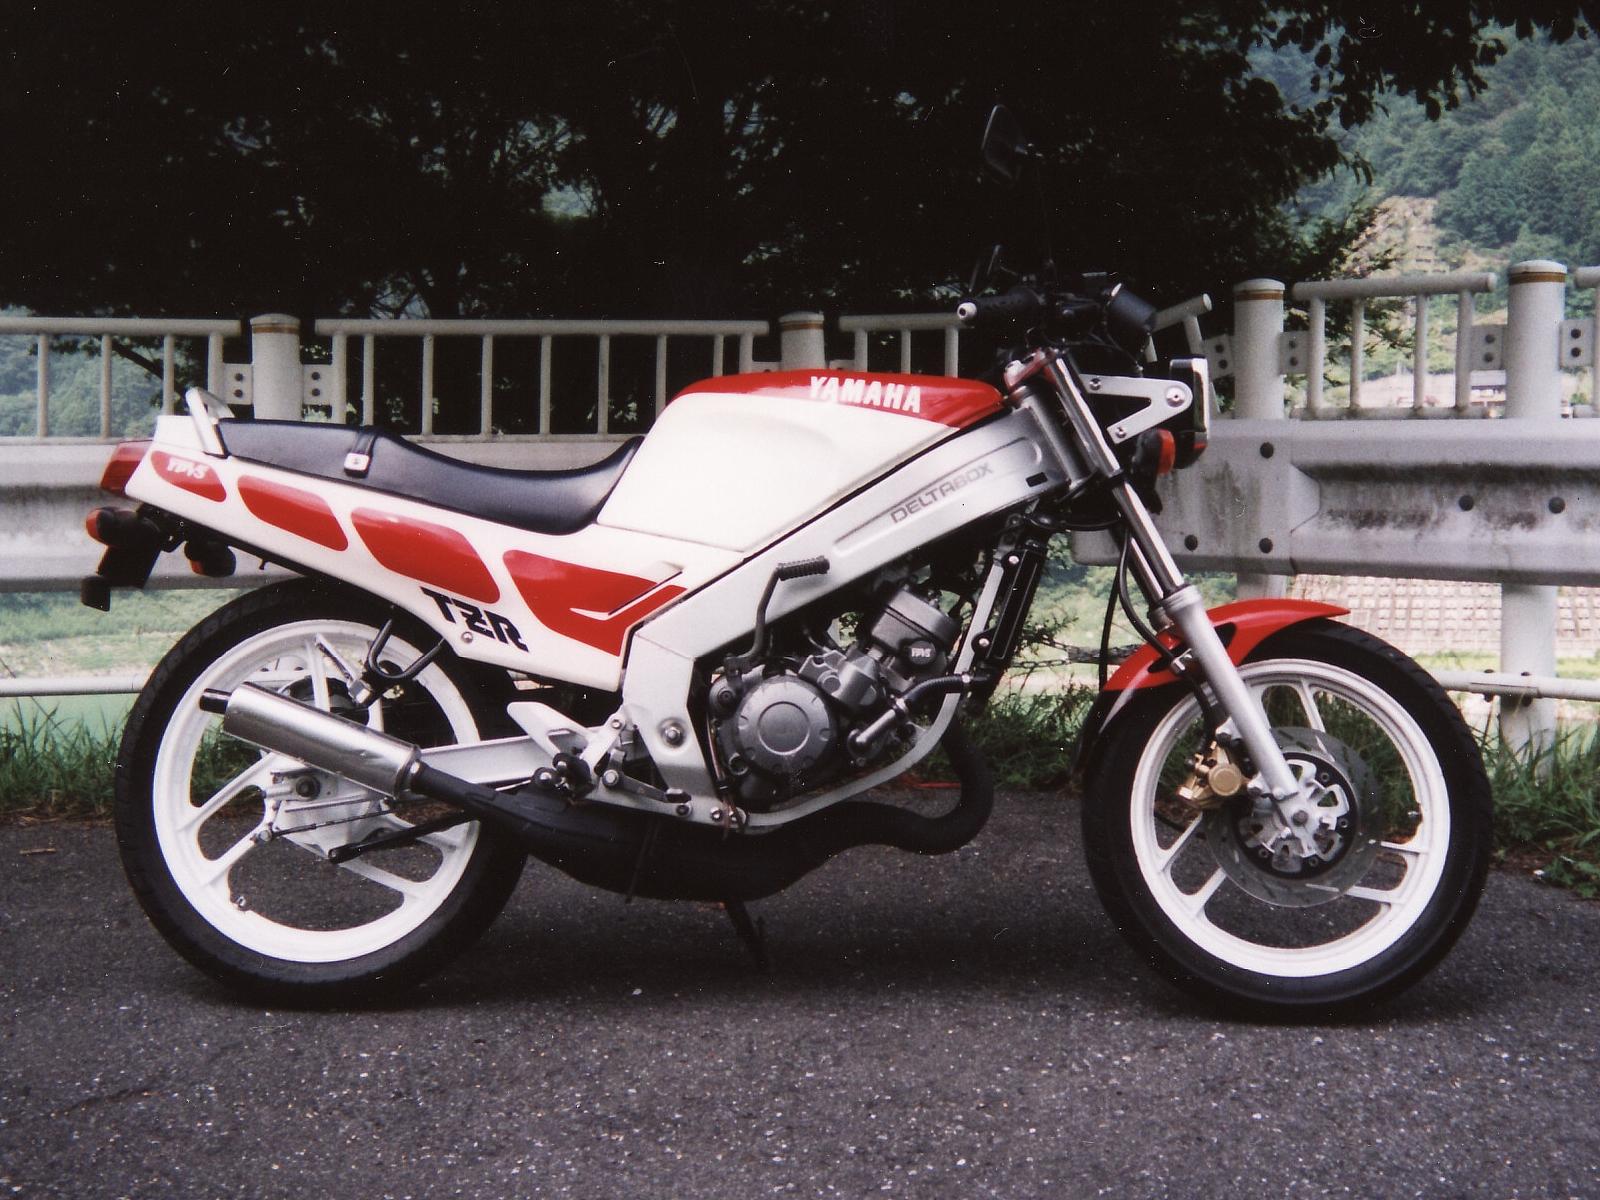 Yamaha Yzf R For Sale In Sri Lanka